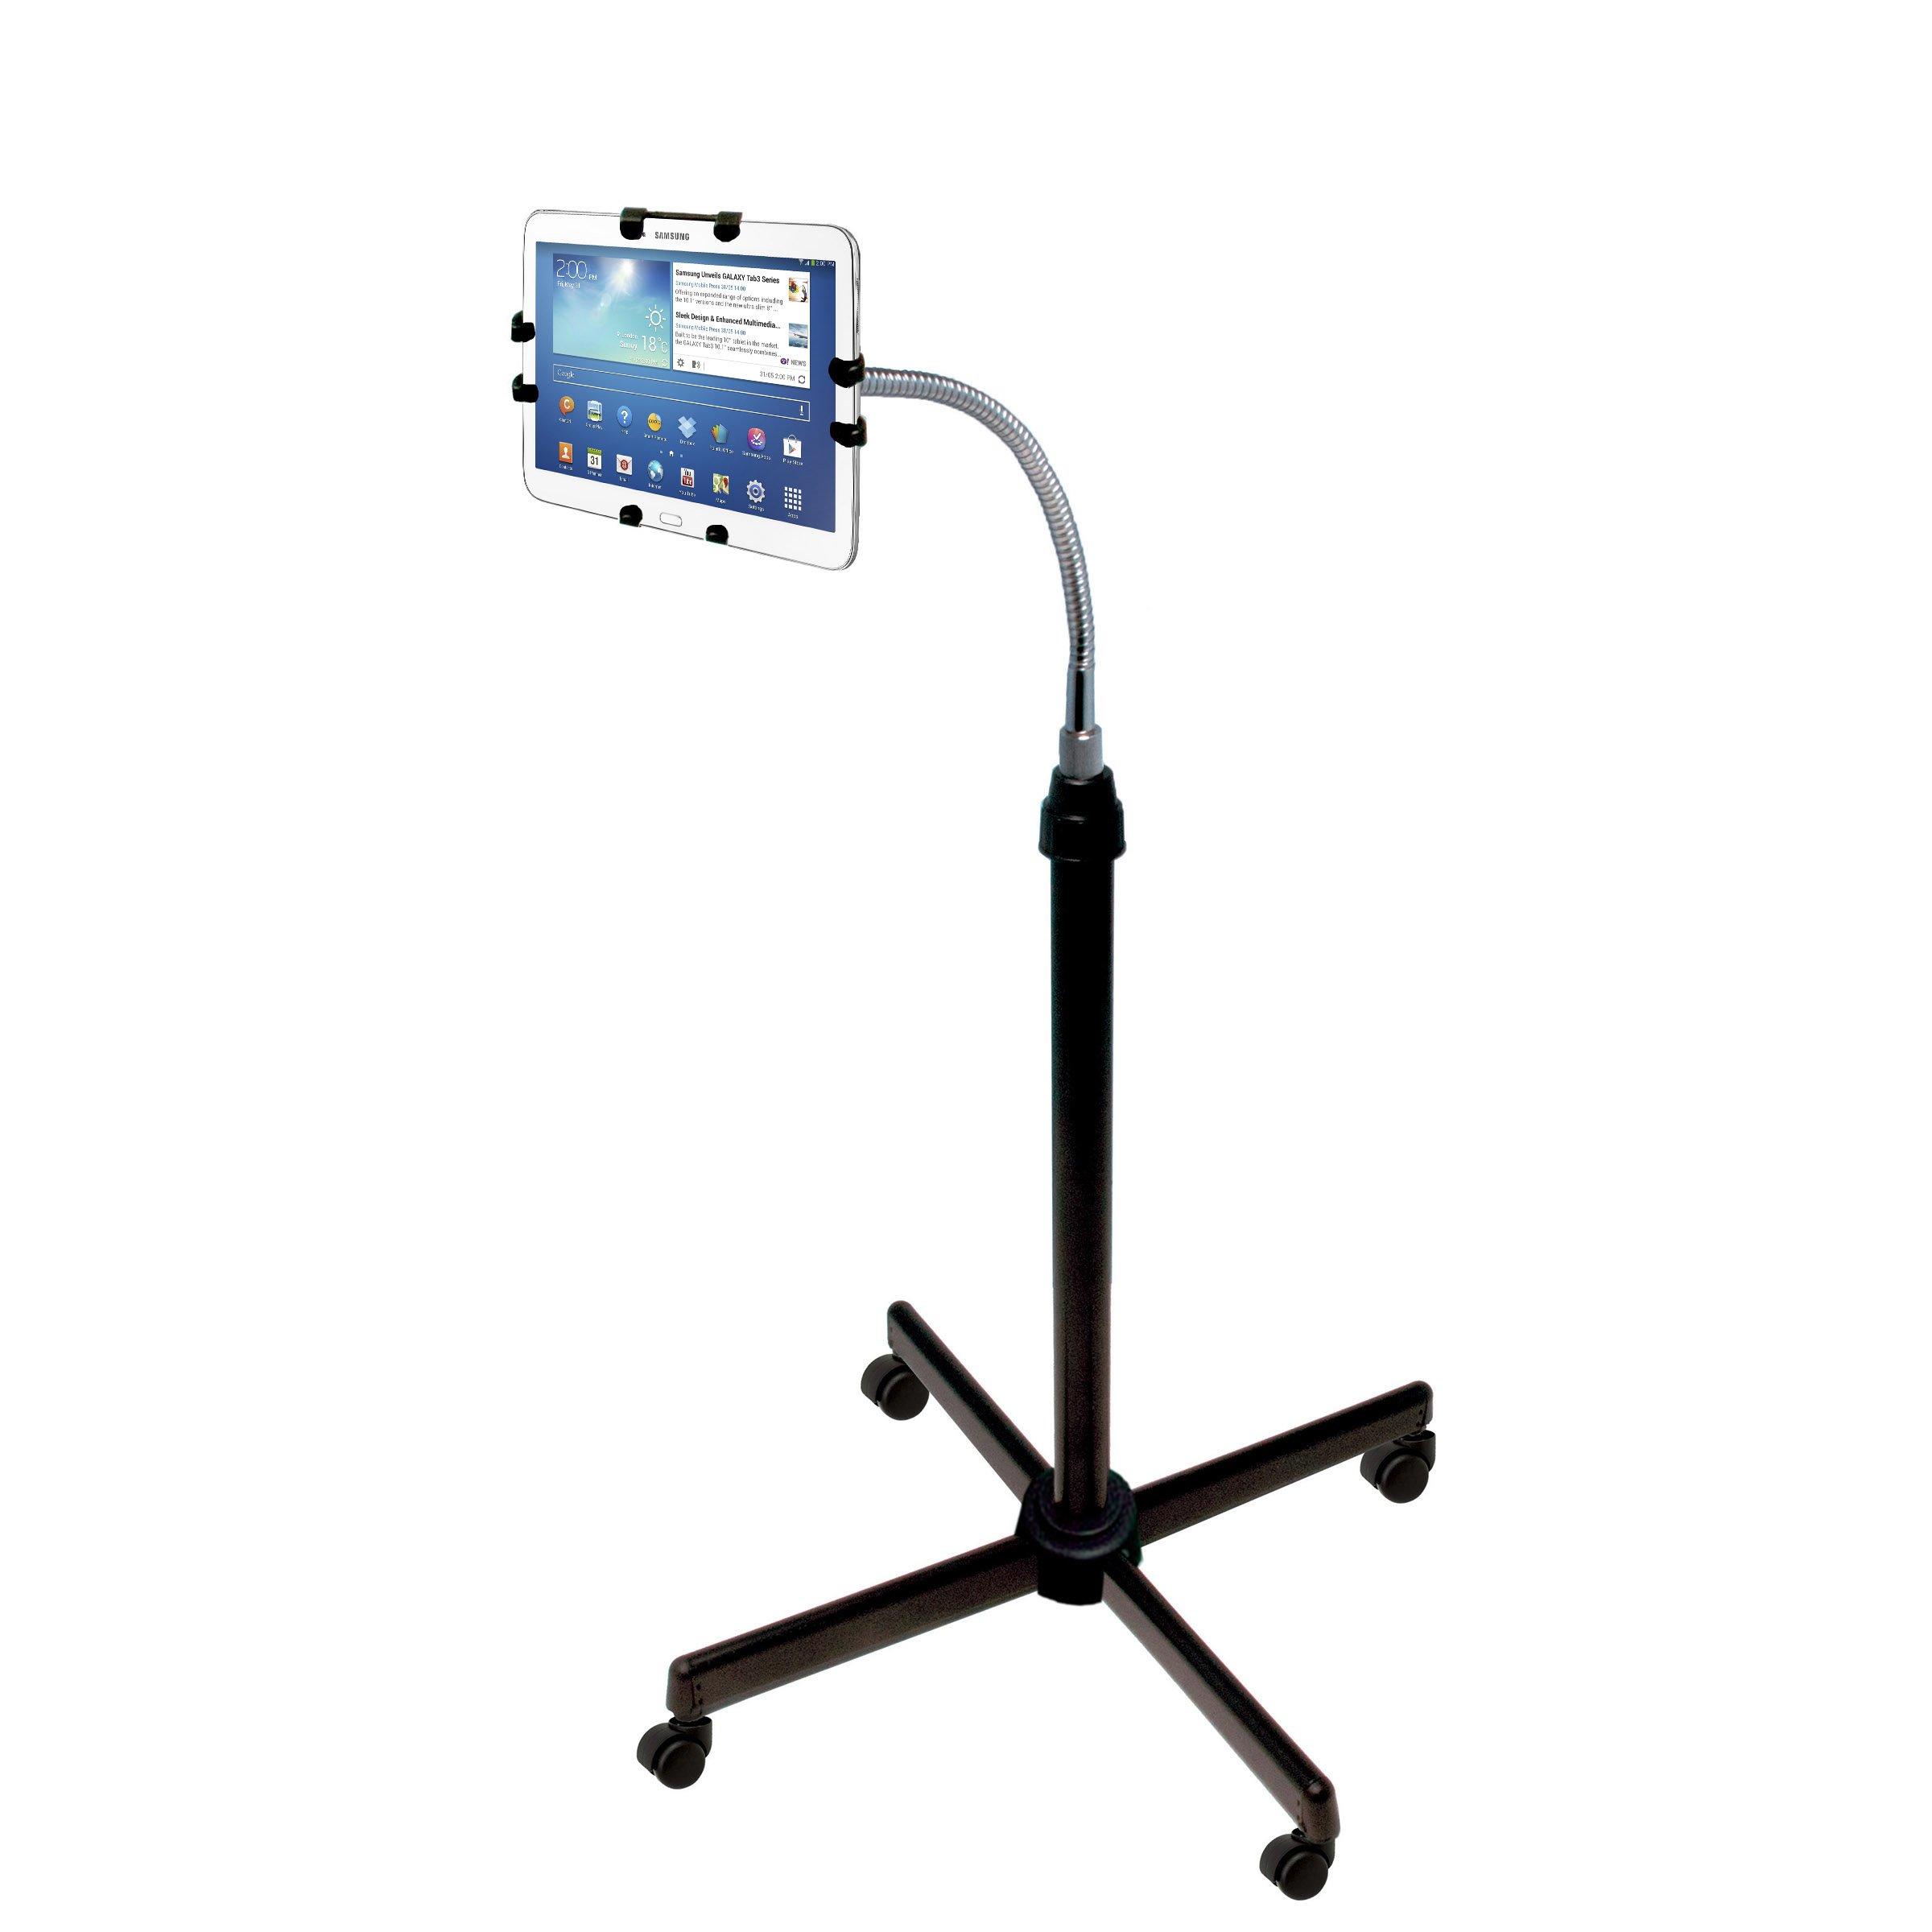 CTA Digital Height-Adjustable Gooseneck Floor Stand for 9.7–10.5 inch Tablets – iPad Air 1–2 / iPad 2–4 / Galaxy Tab S (PAD-UAFS)